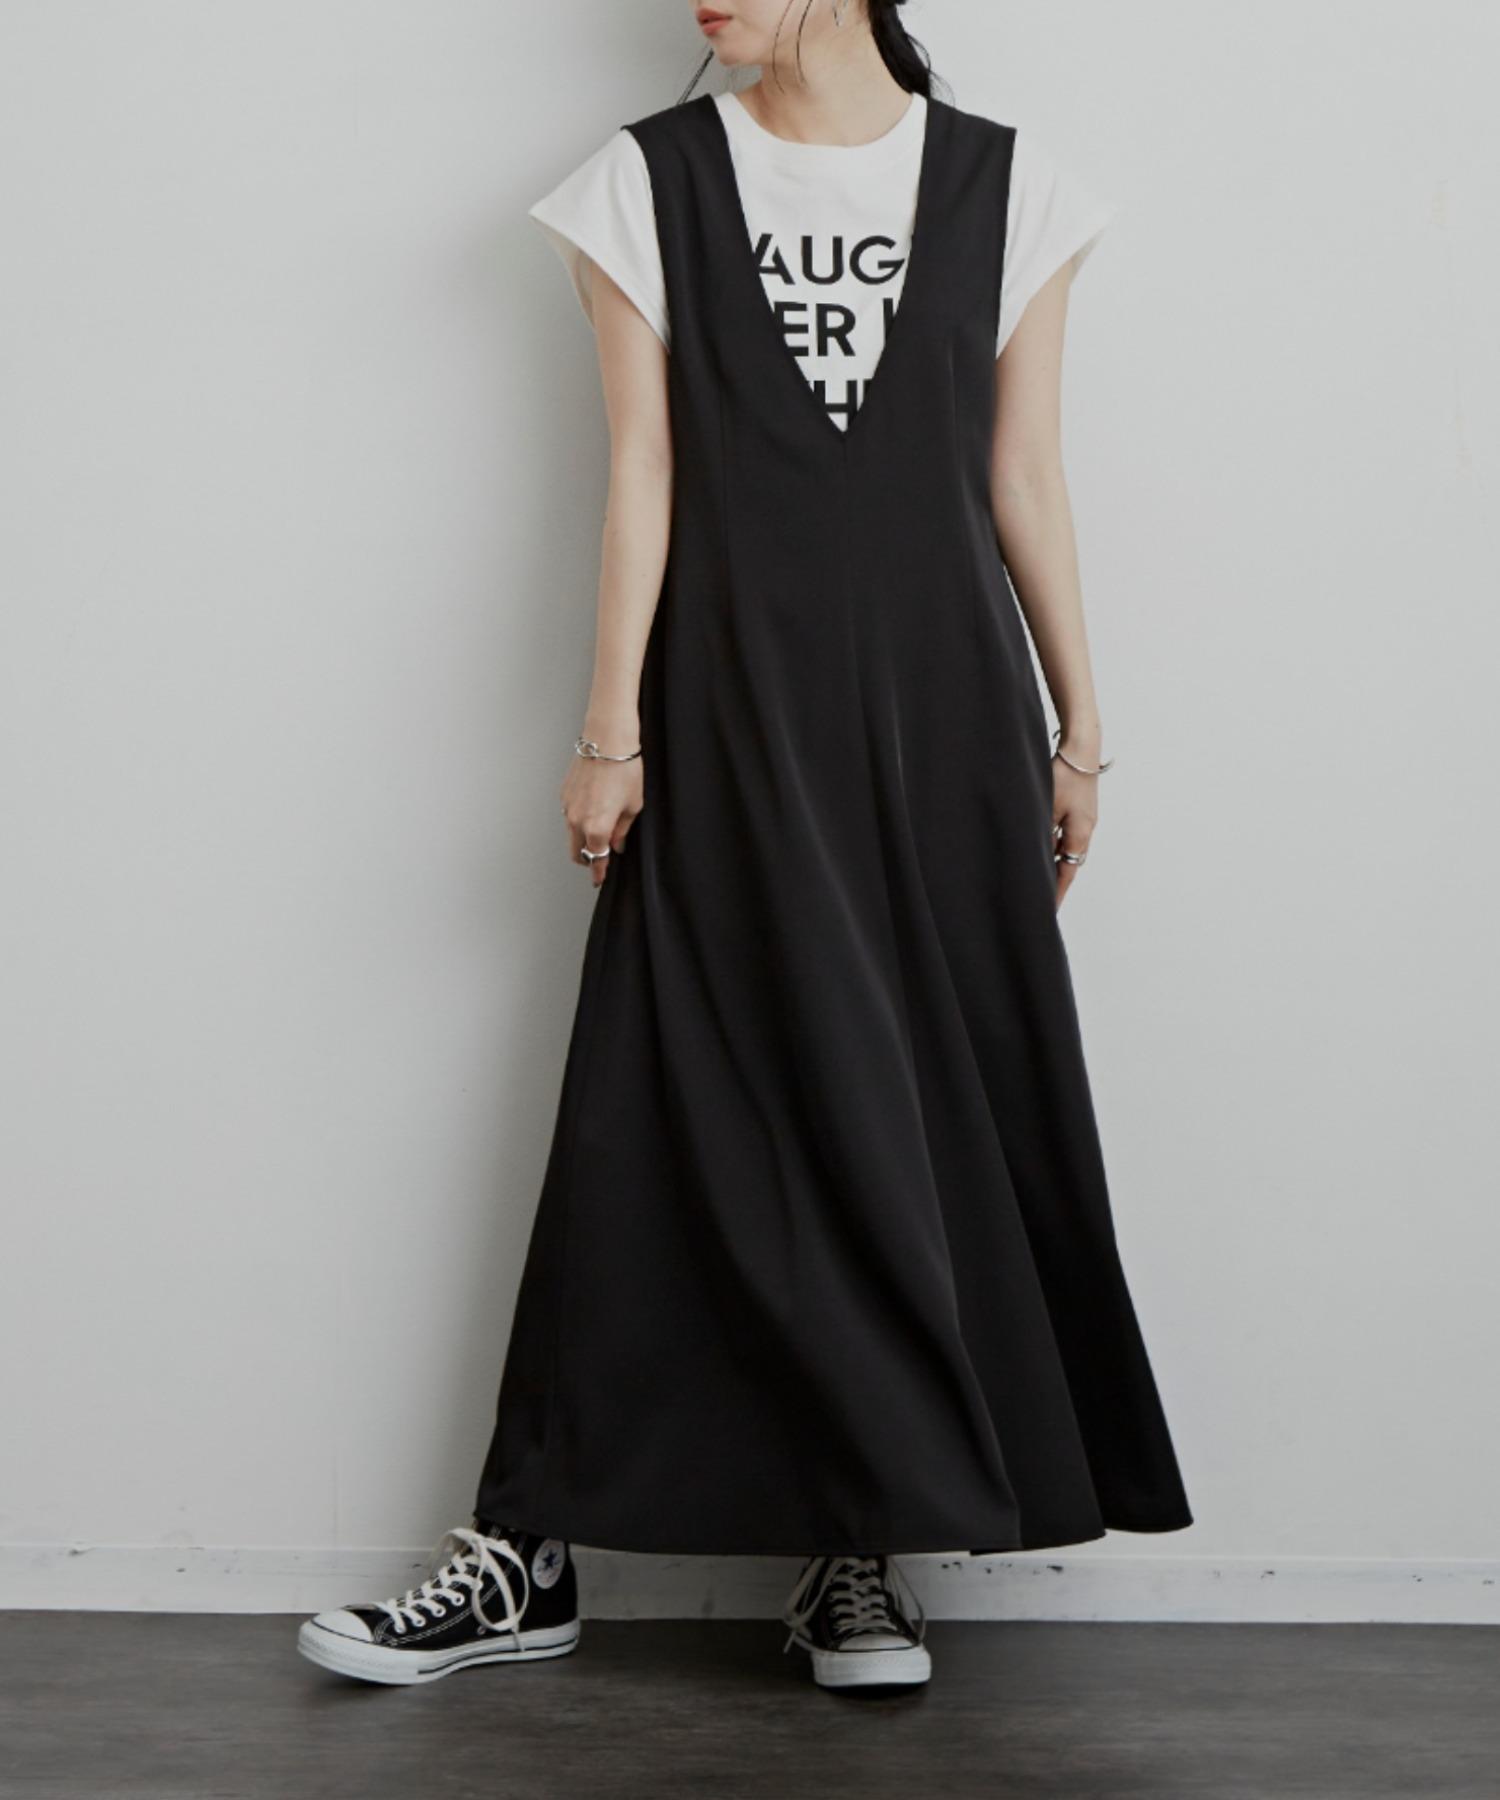 Vフレアラインジャンスカ/BLK